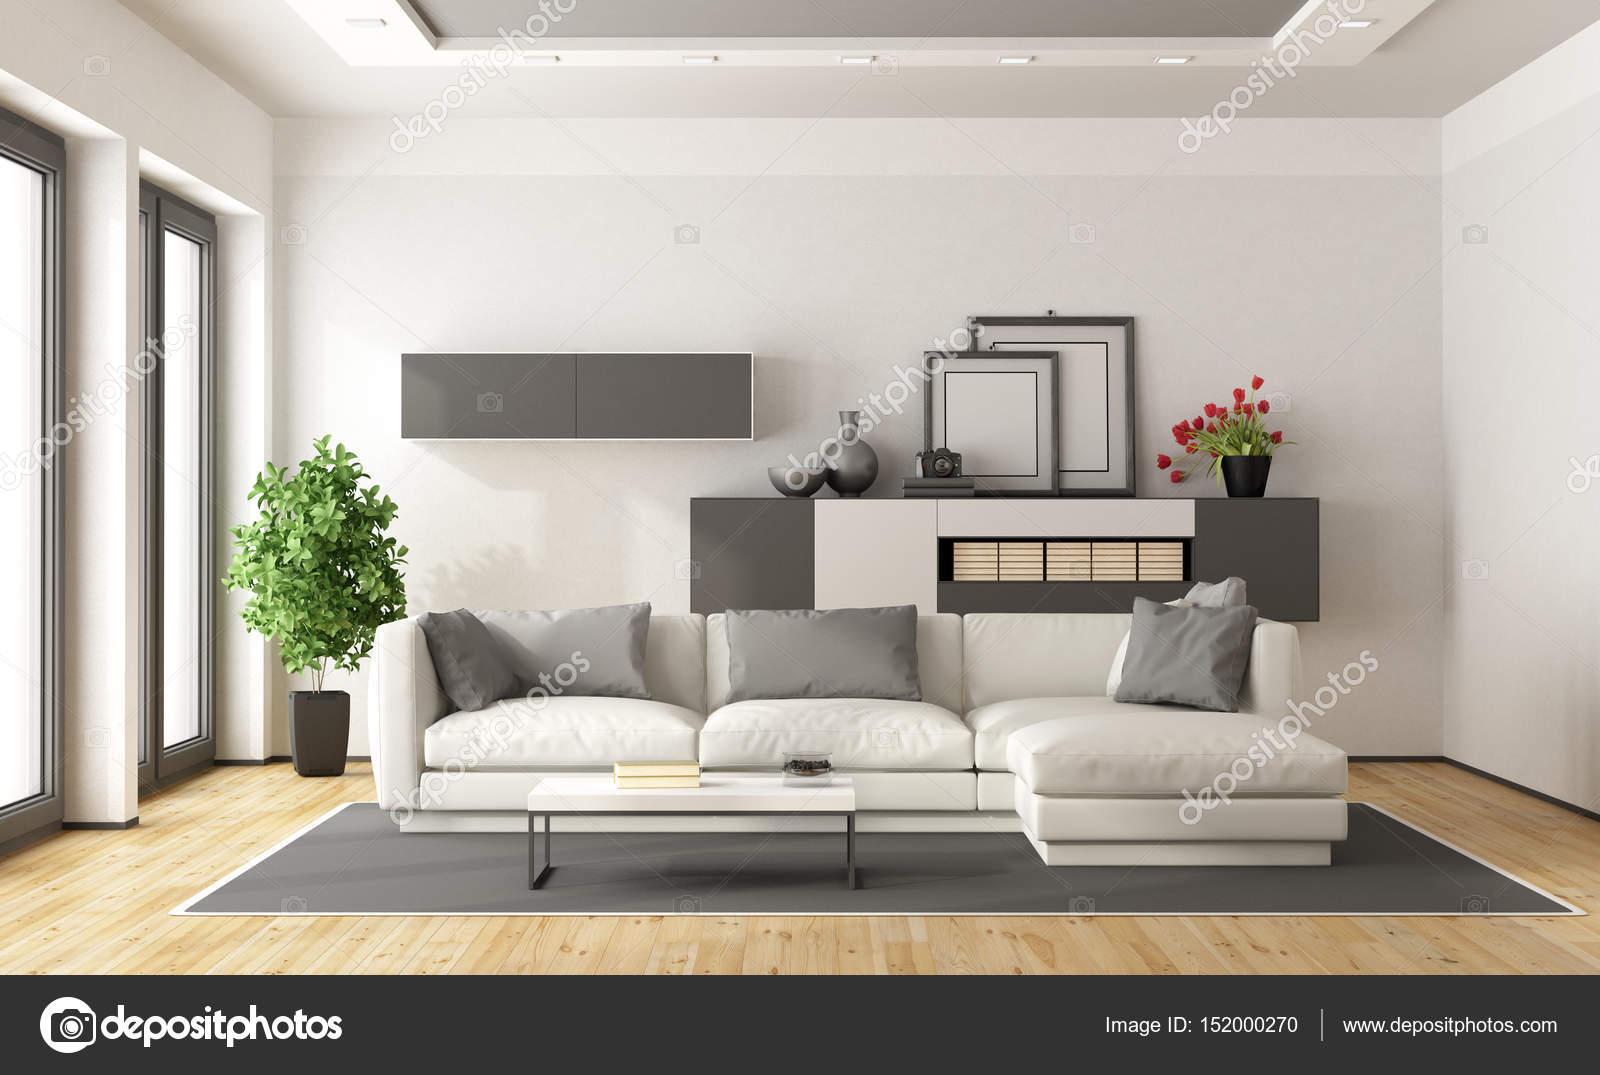 Salotto Moderno Bianco E Grigio : Salotto moderno bianco e grigio u2014 foto stock © archideaphoto #152000270